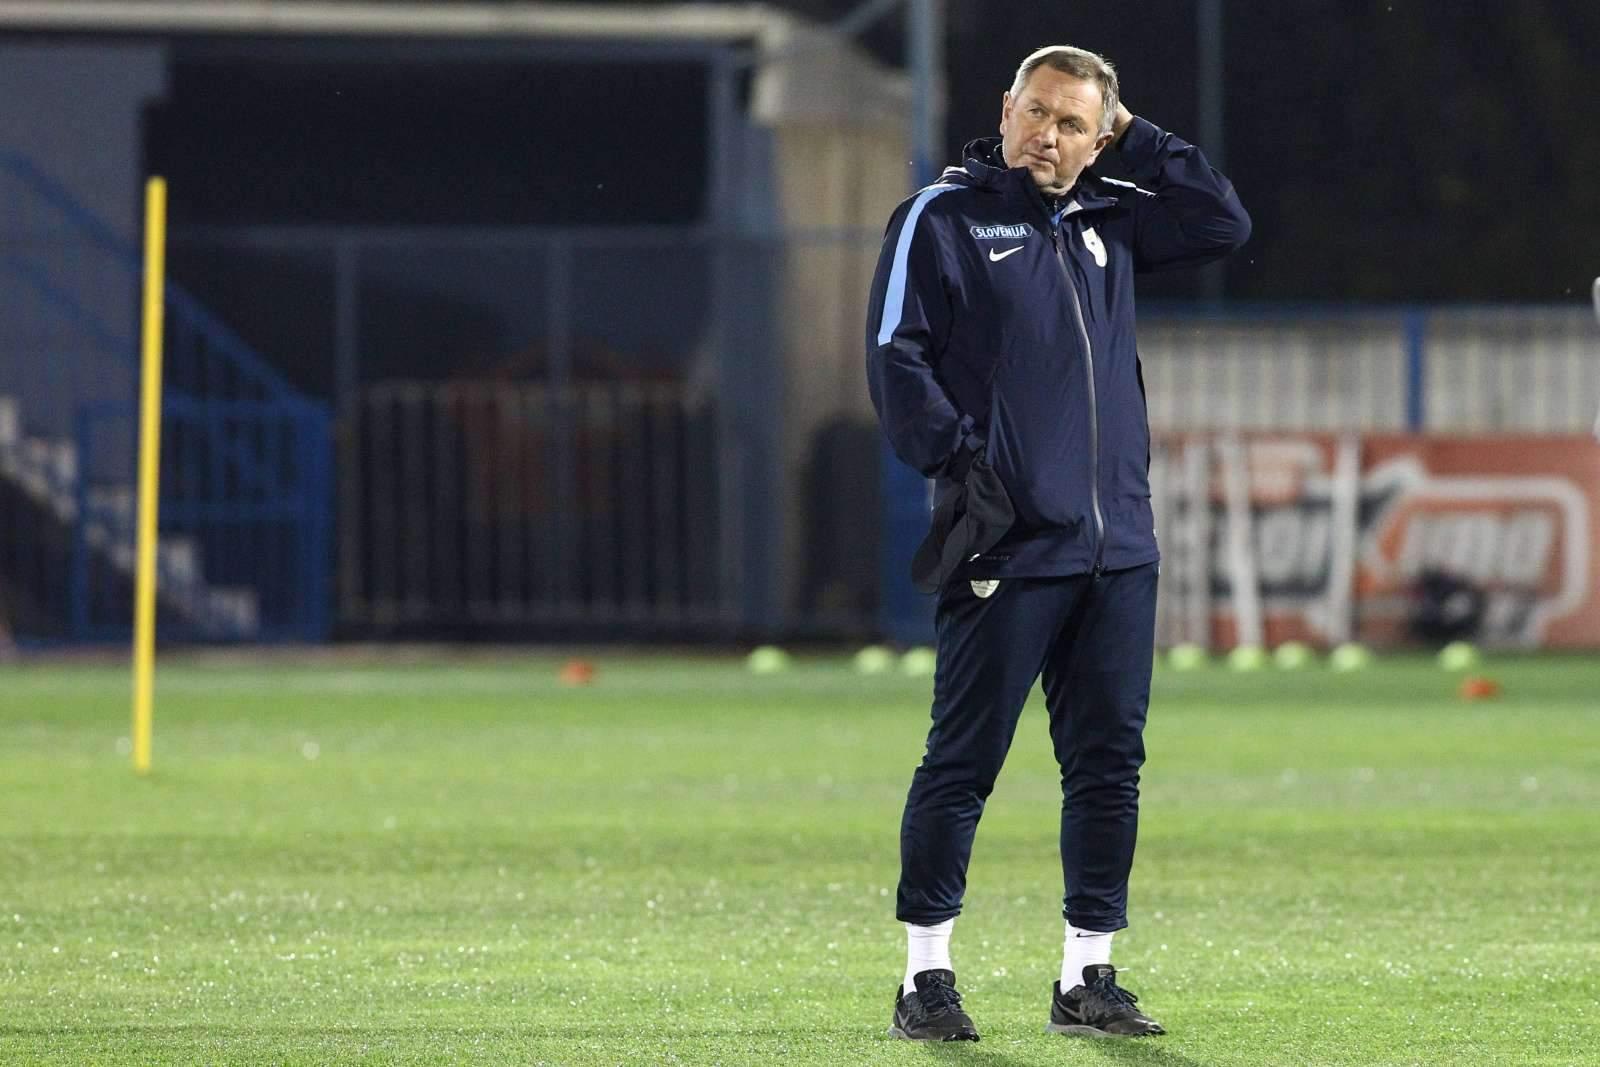 Главный тренер сборной Словении Кек вспомнил о стыковых матчах с командой России в 2009 году